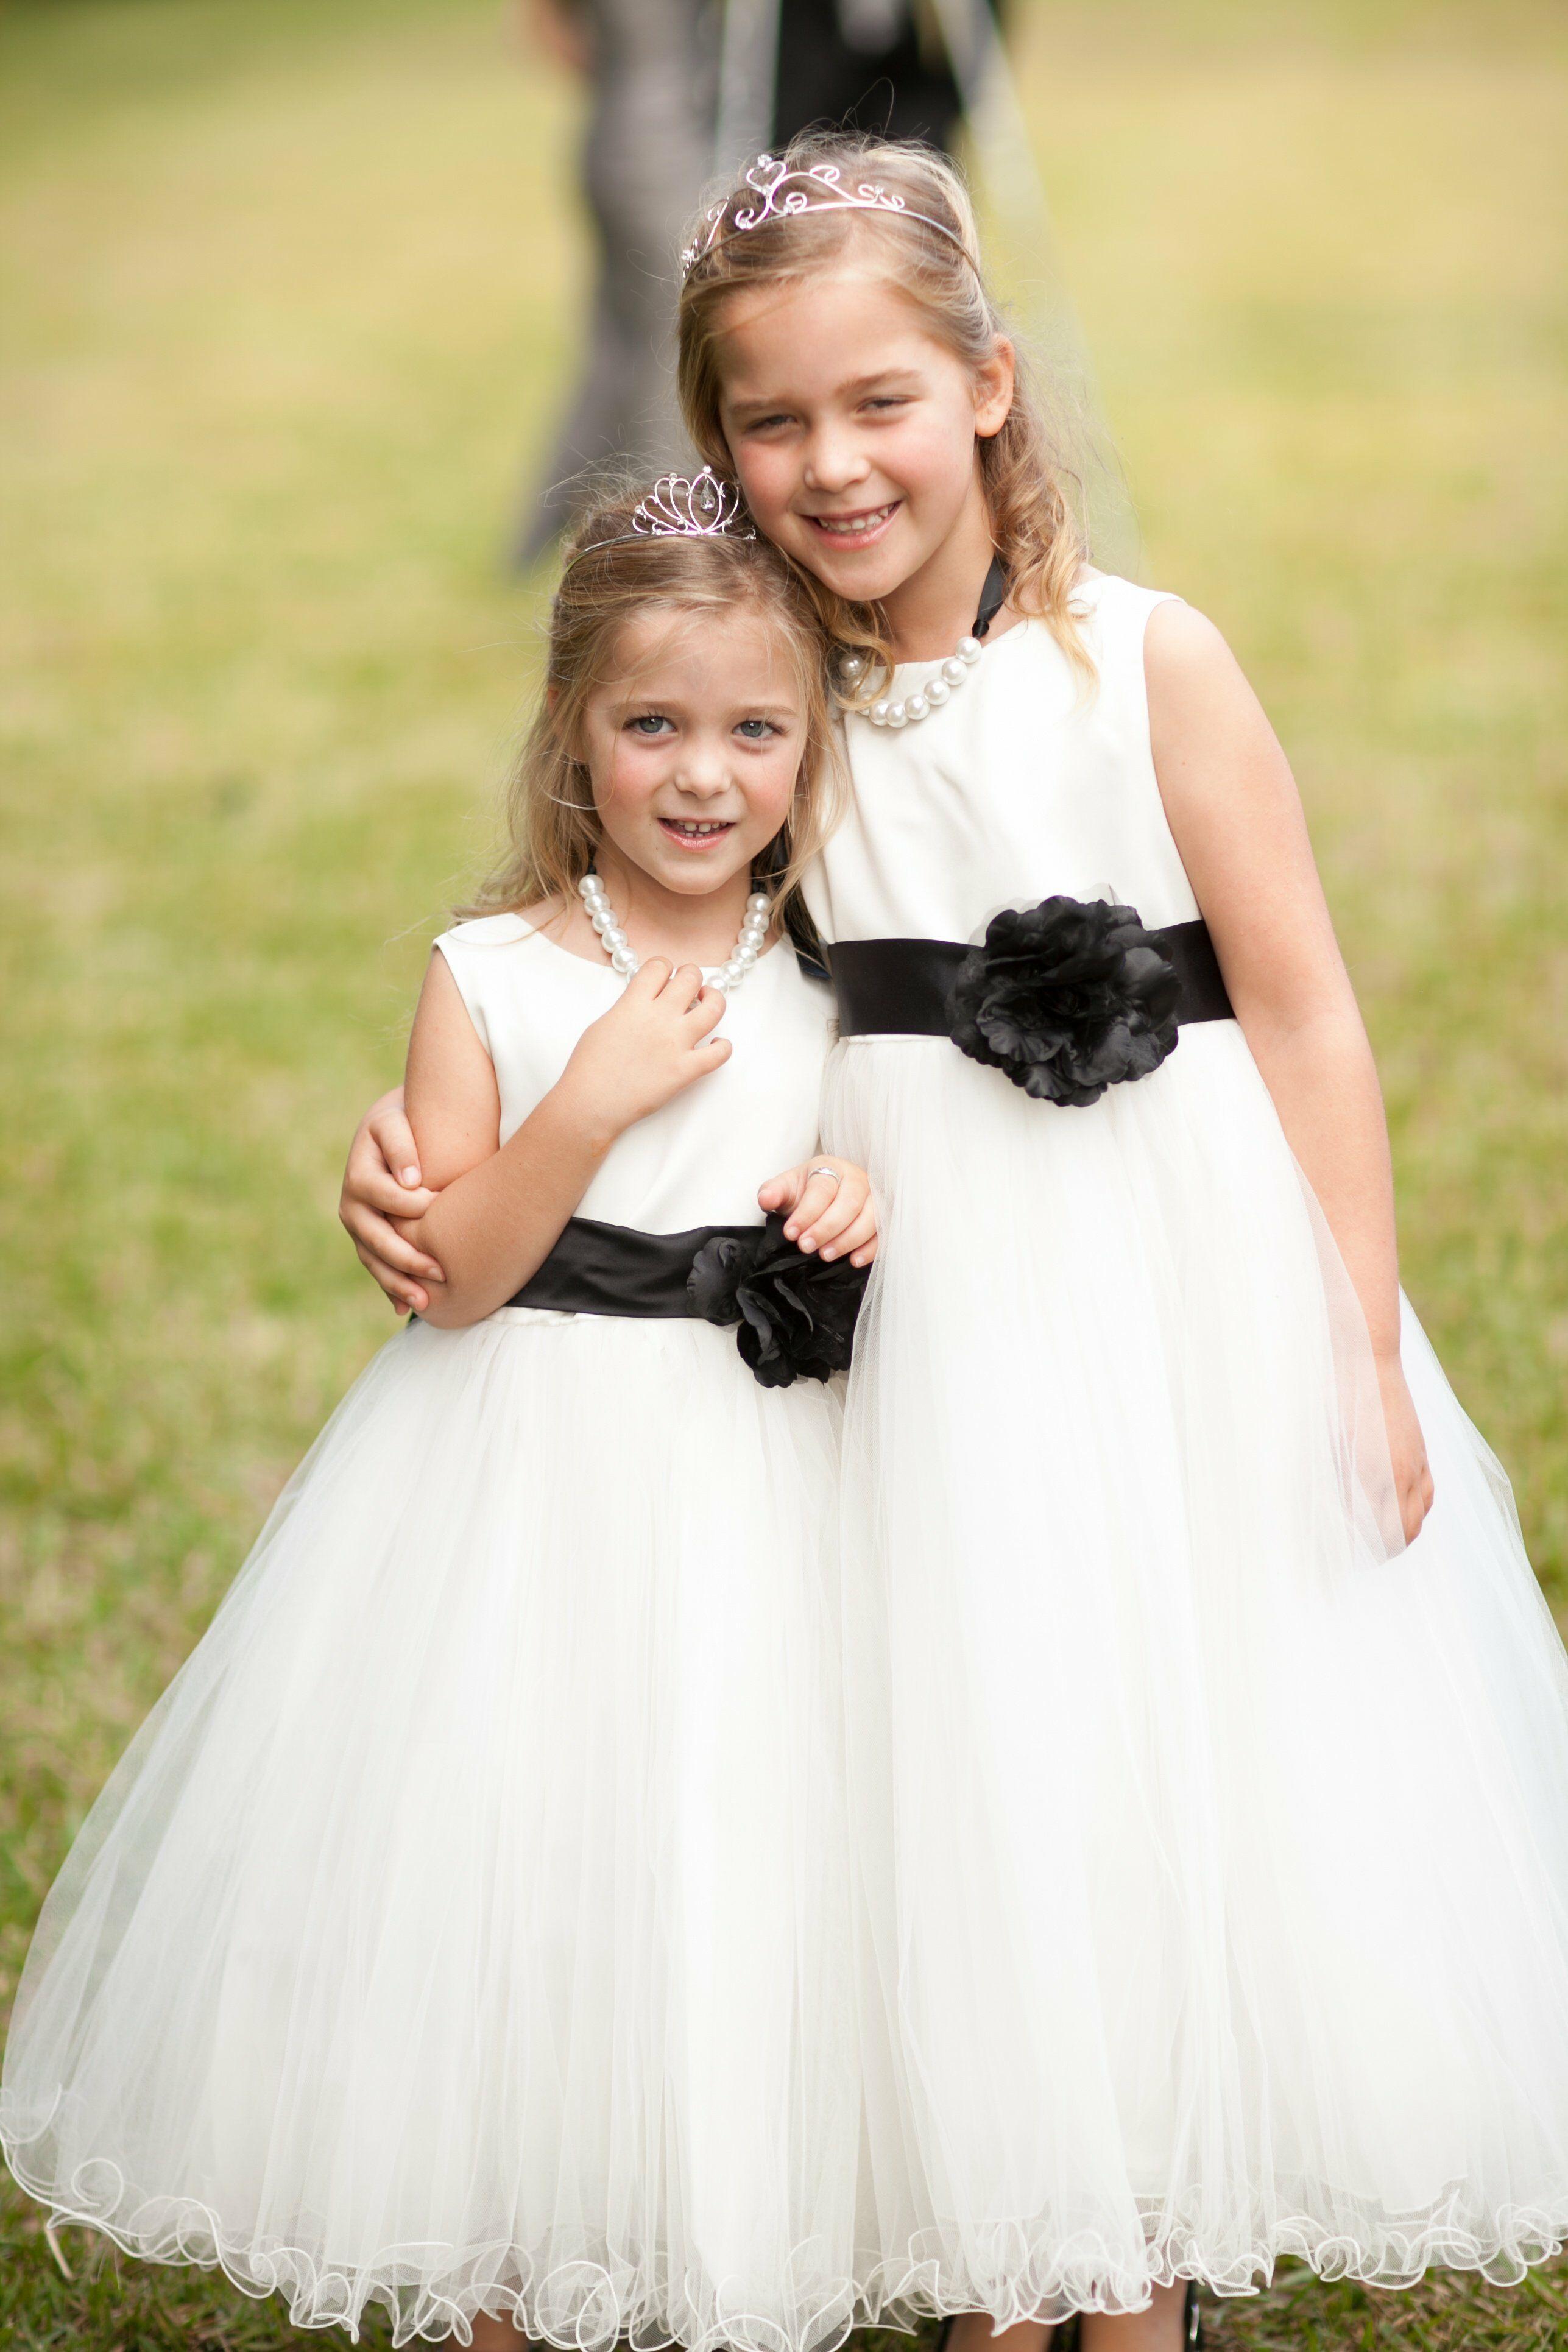 Black And White Flower Girl Dresses-4906